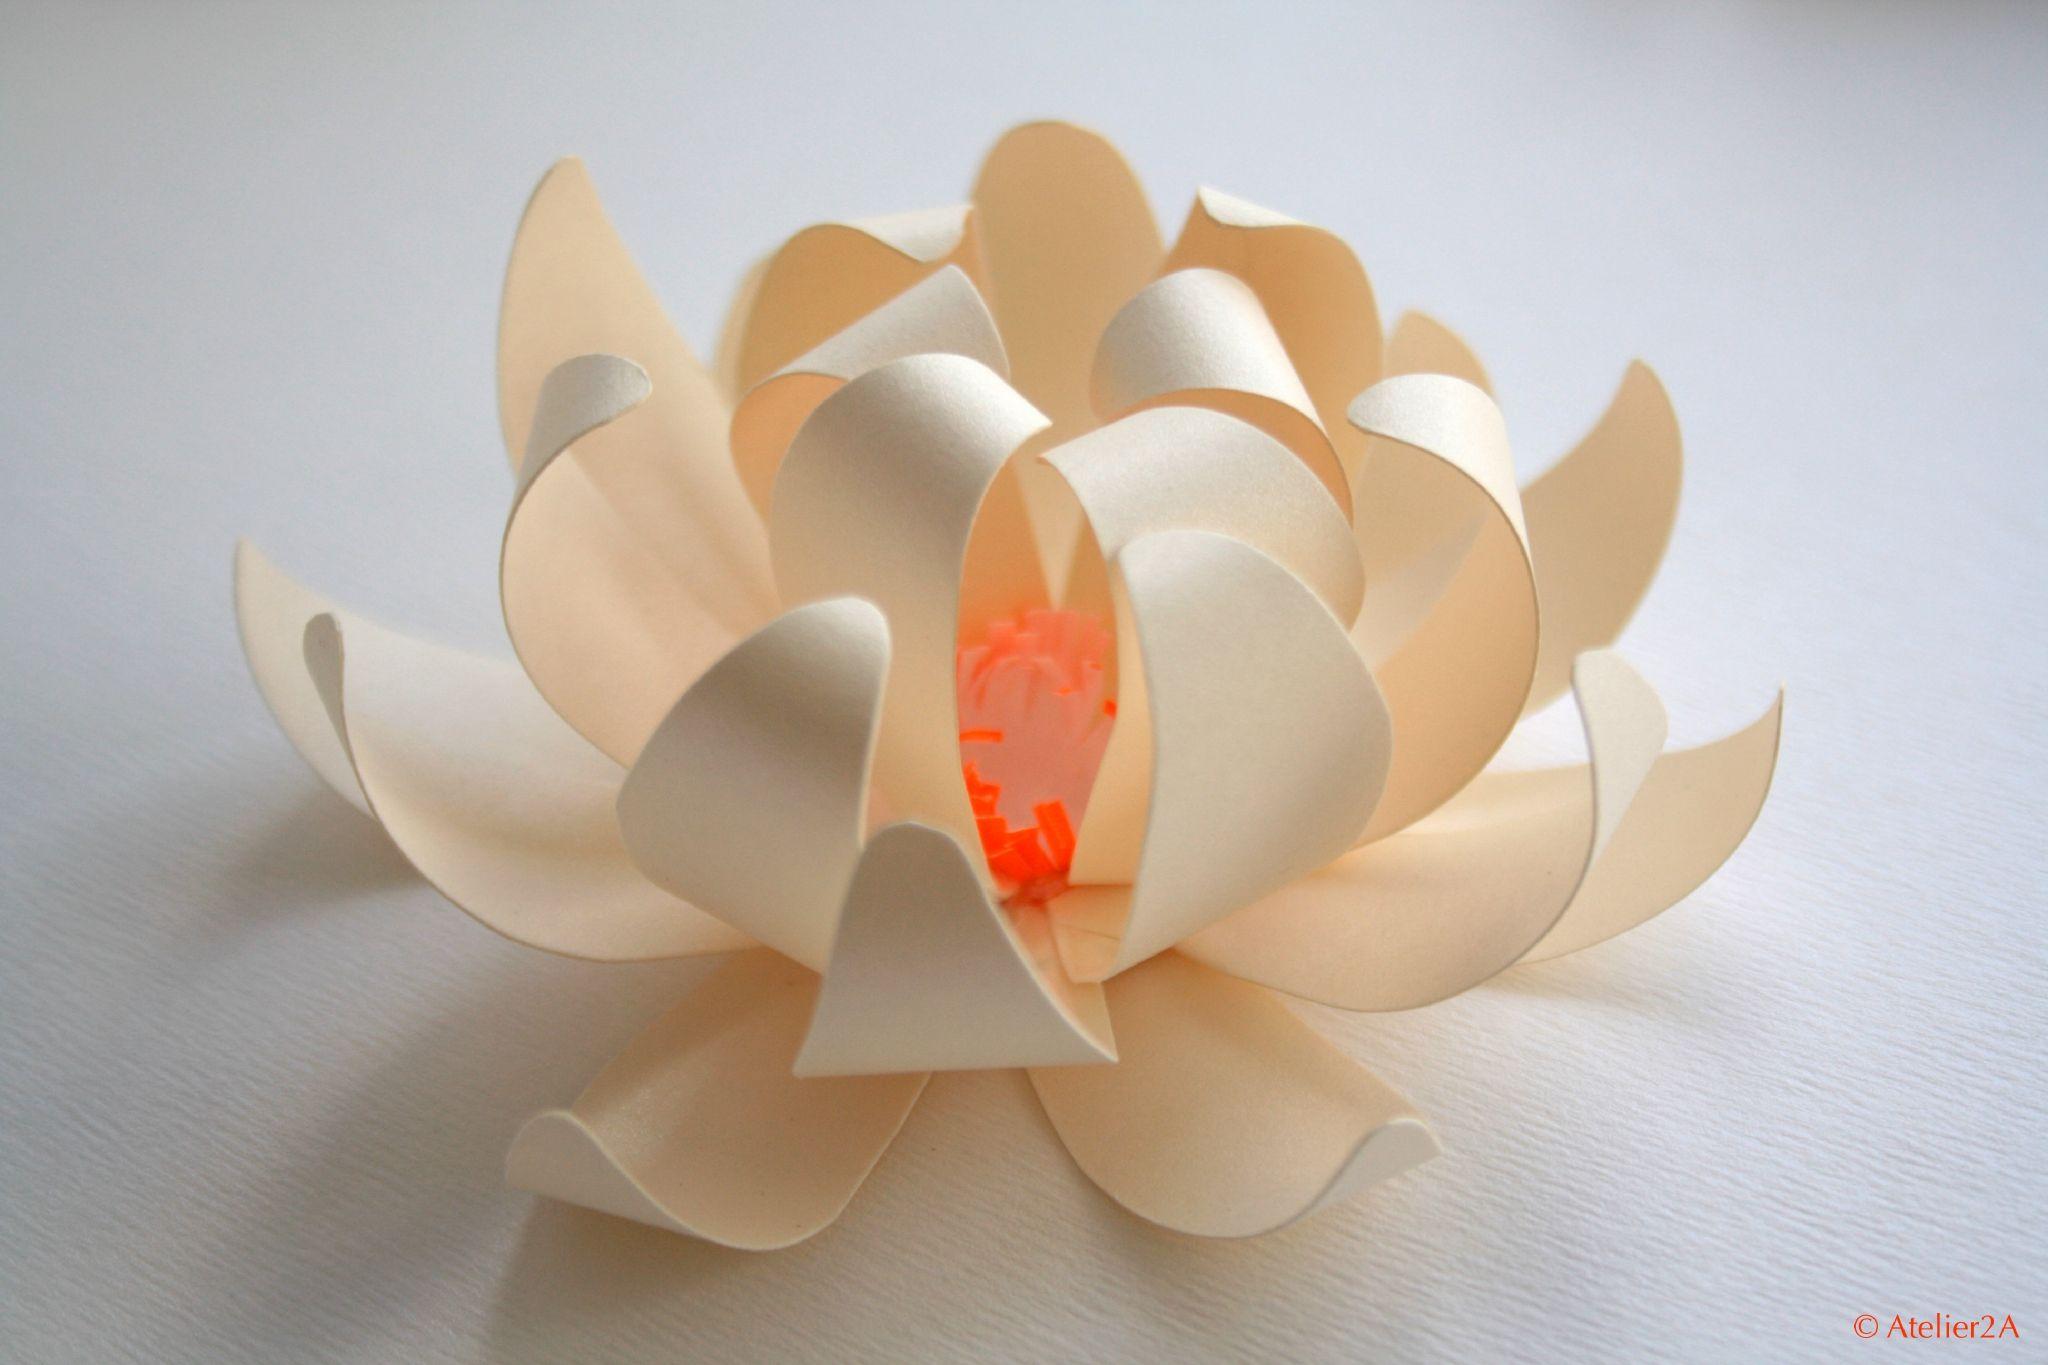 Populaire FLEUR EN PAPIER | tap | Pinterest | Fleurs en papier, Fleur et  LM84